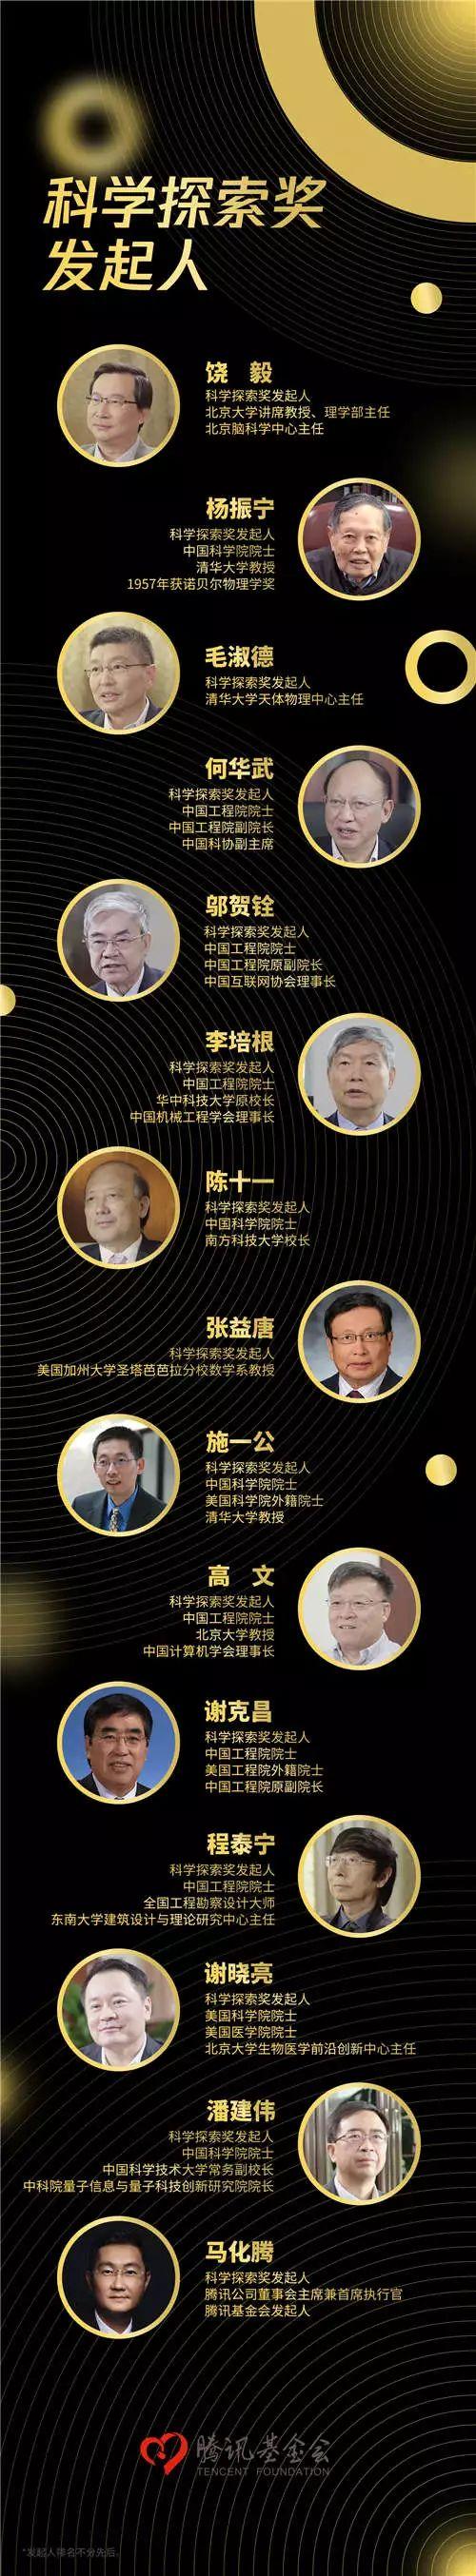 """大手笔!马化腾、饶毅、杨振宁等发起""""科学探索奖""""10亿奖金已到位"""